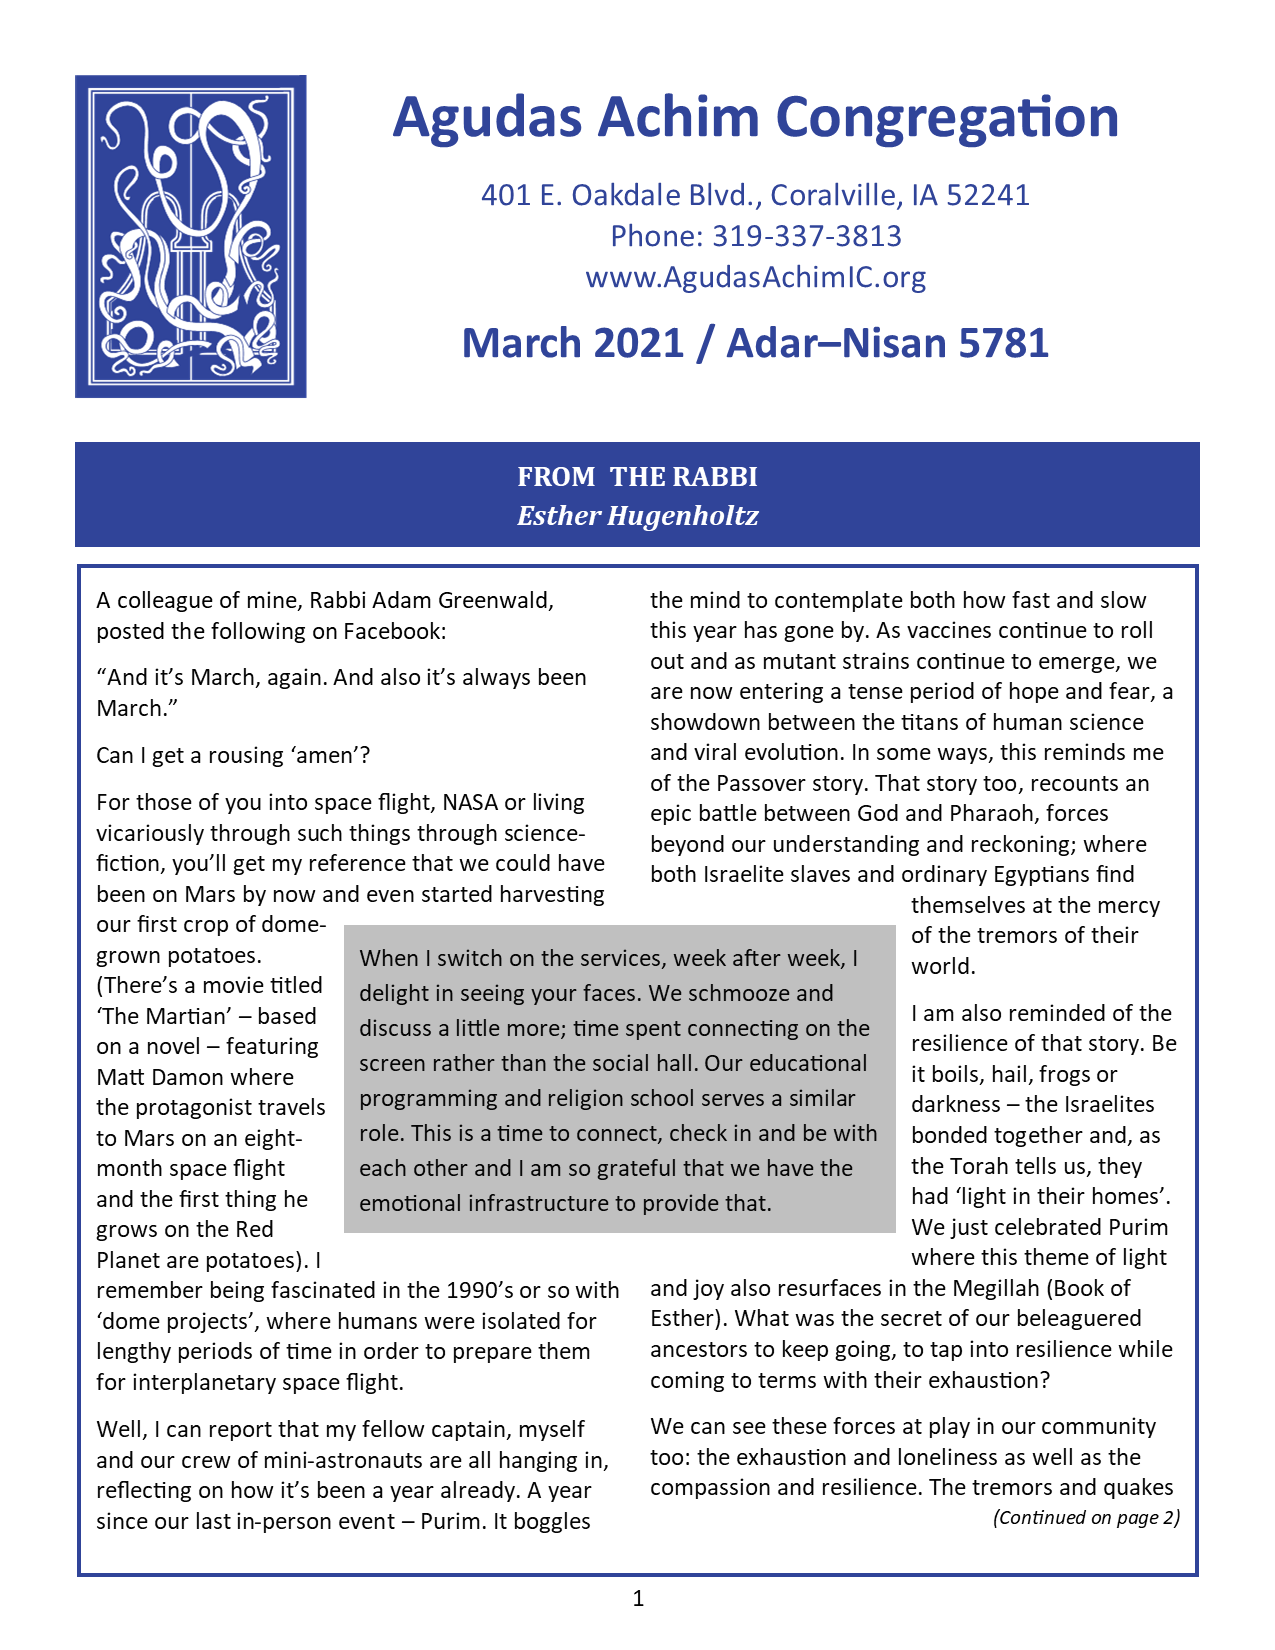 March 2021 Bulletin